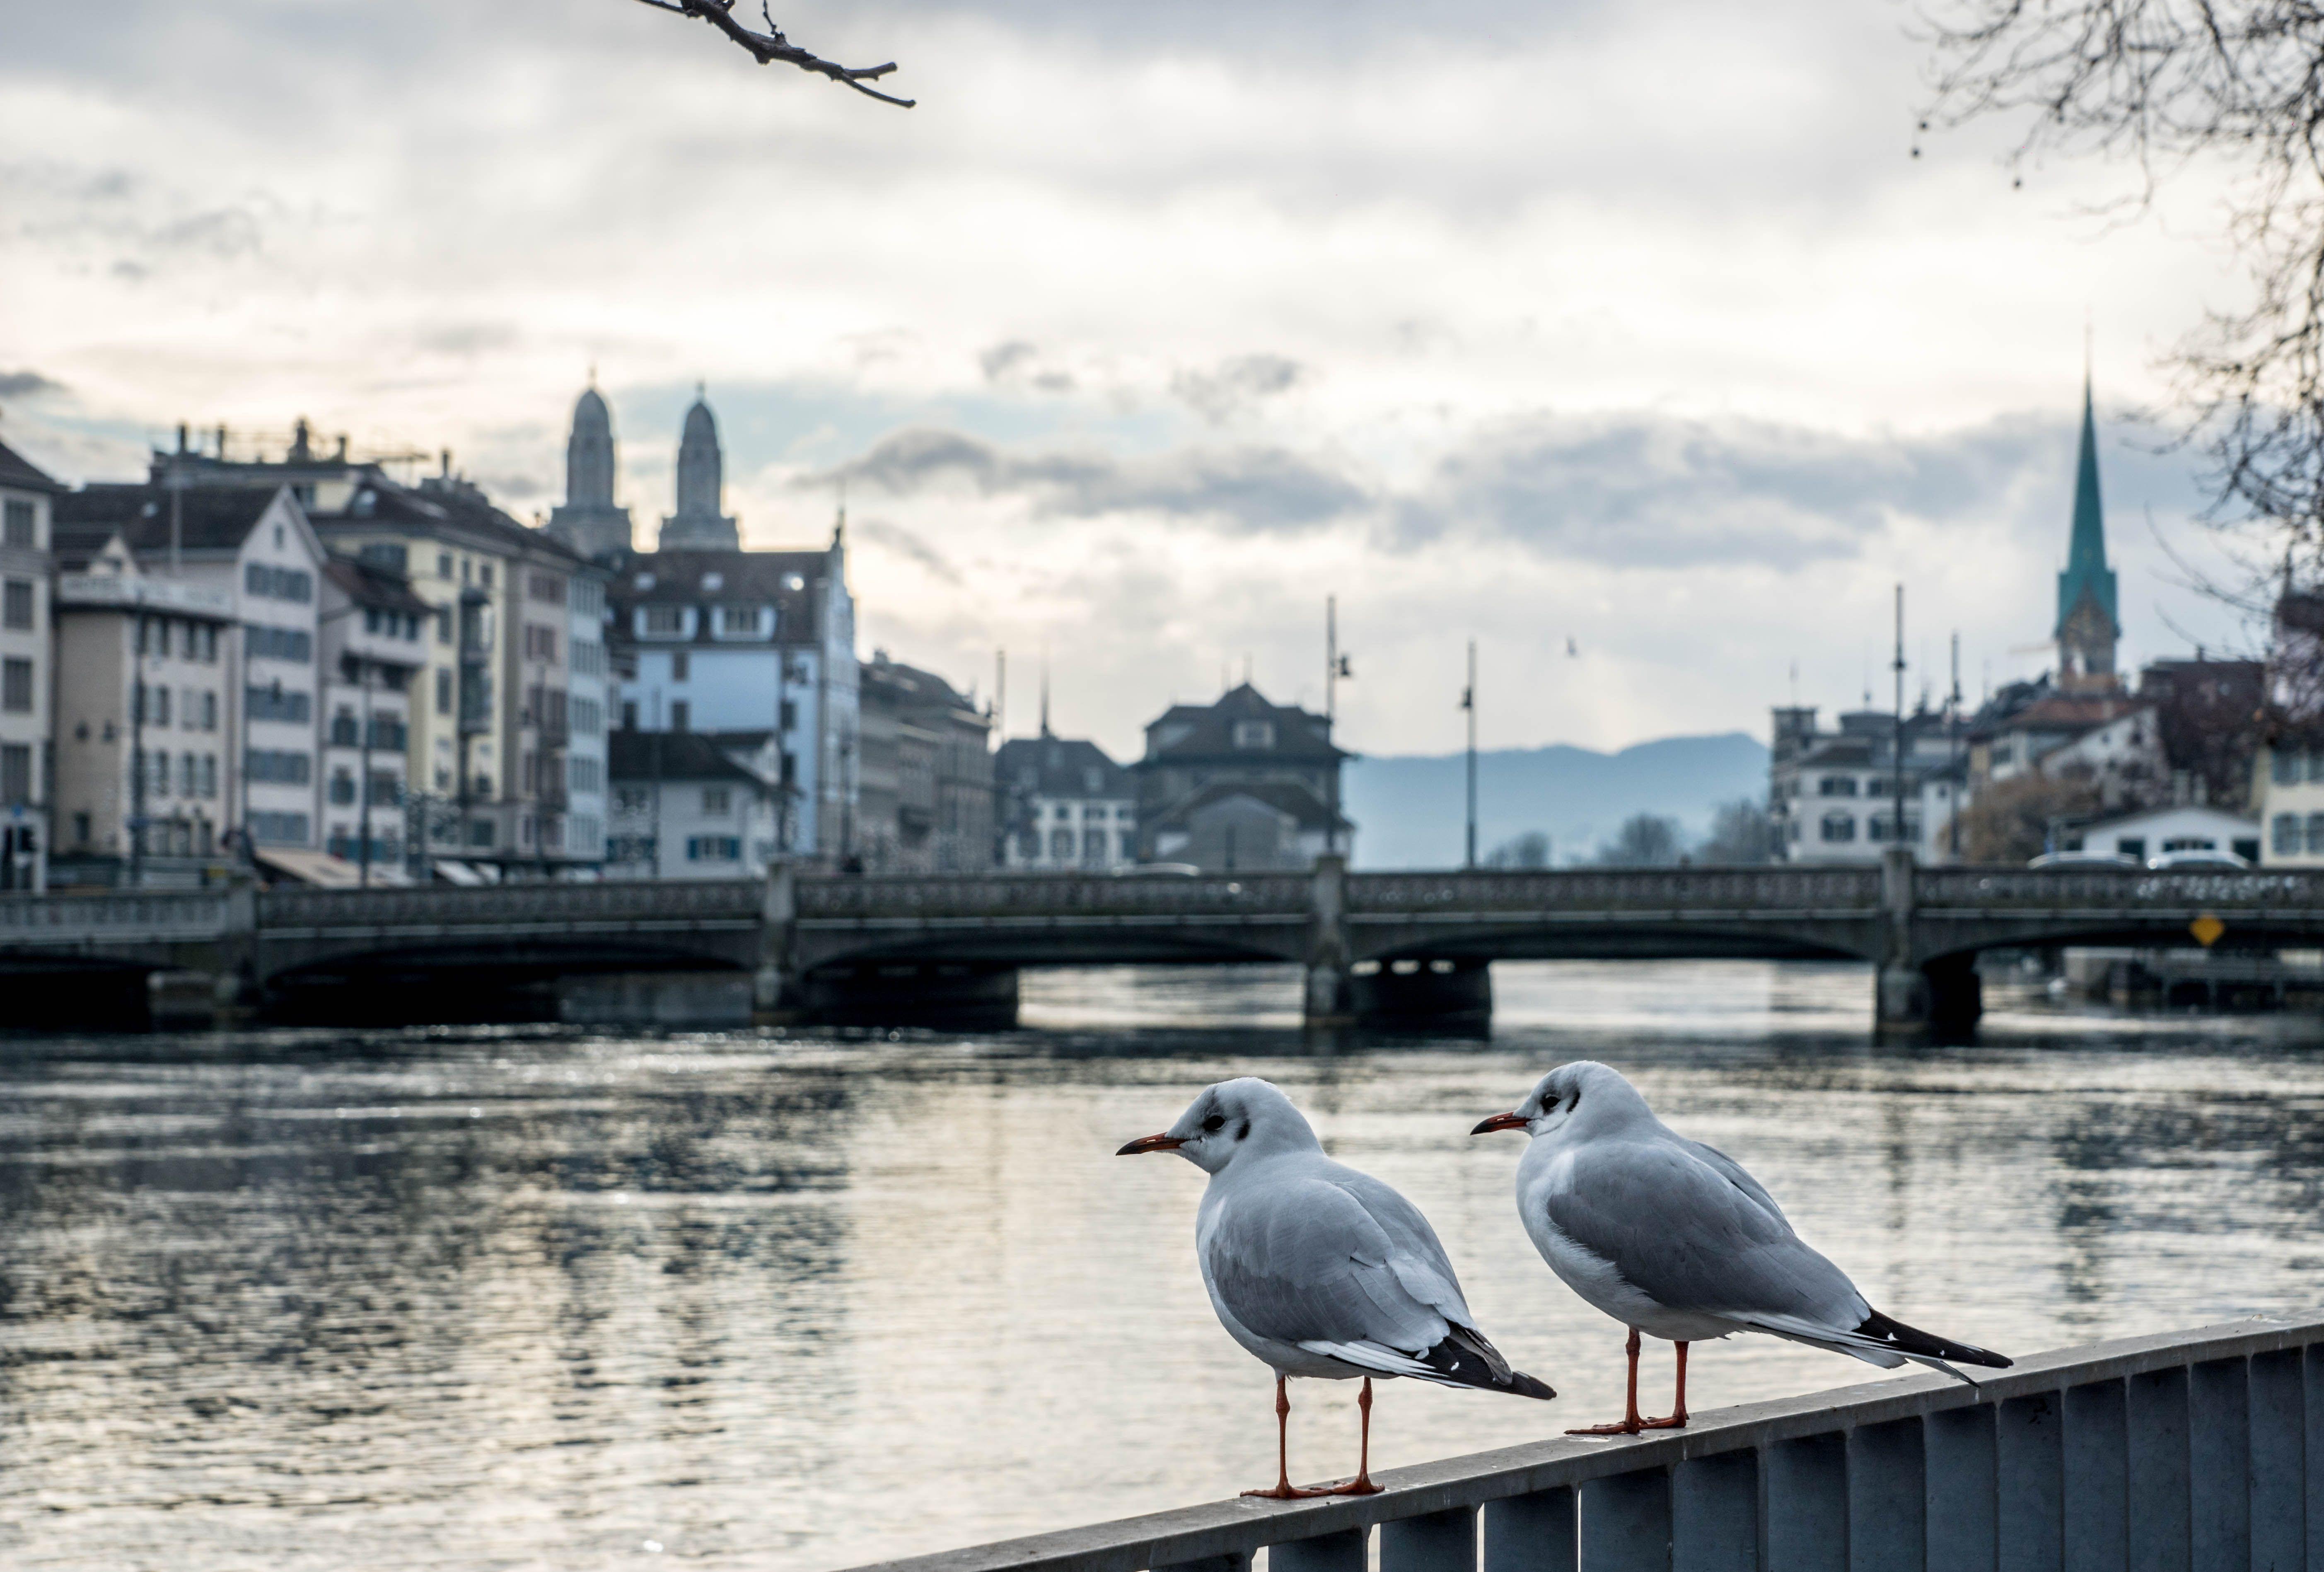 Zurich Stadt City See Brucke Haus Mieten Wohnen Kaufen Leben Geniessen Einrichten Suchen Zurich Stadt Zurich Stadt